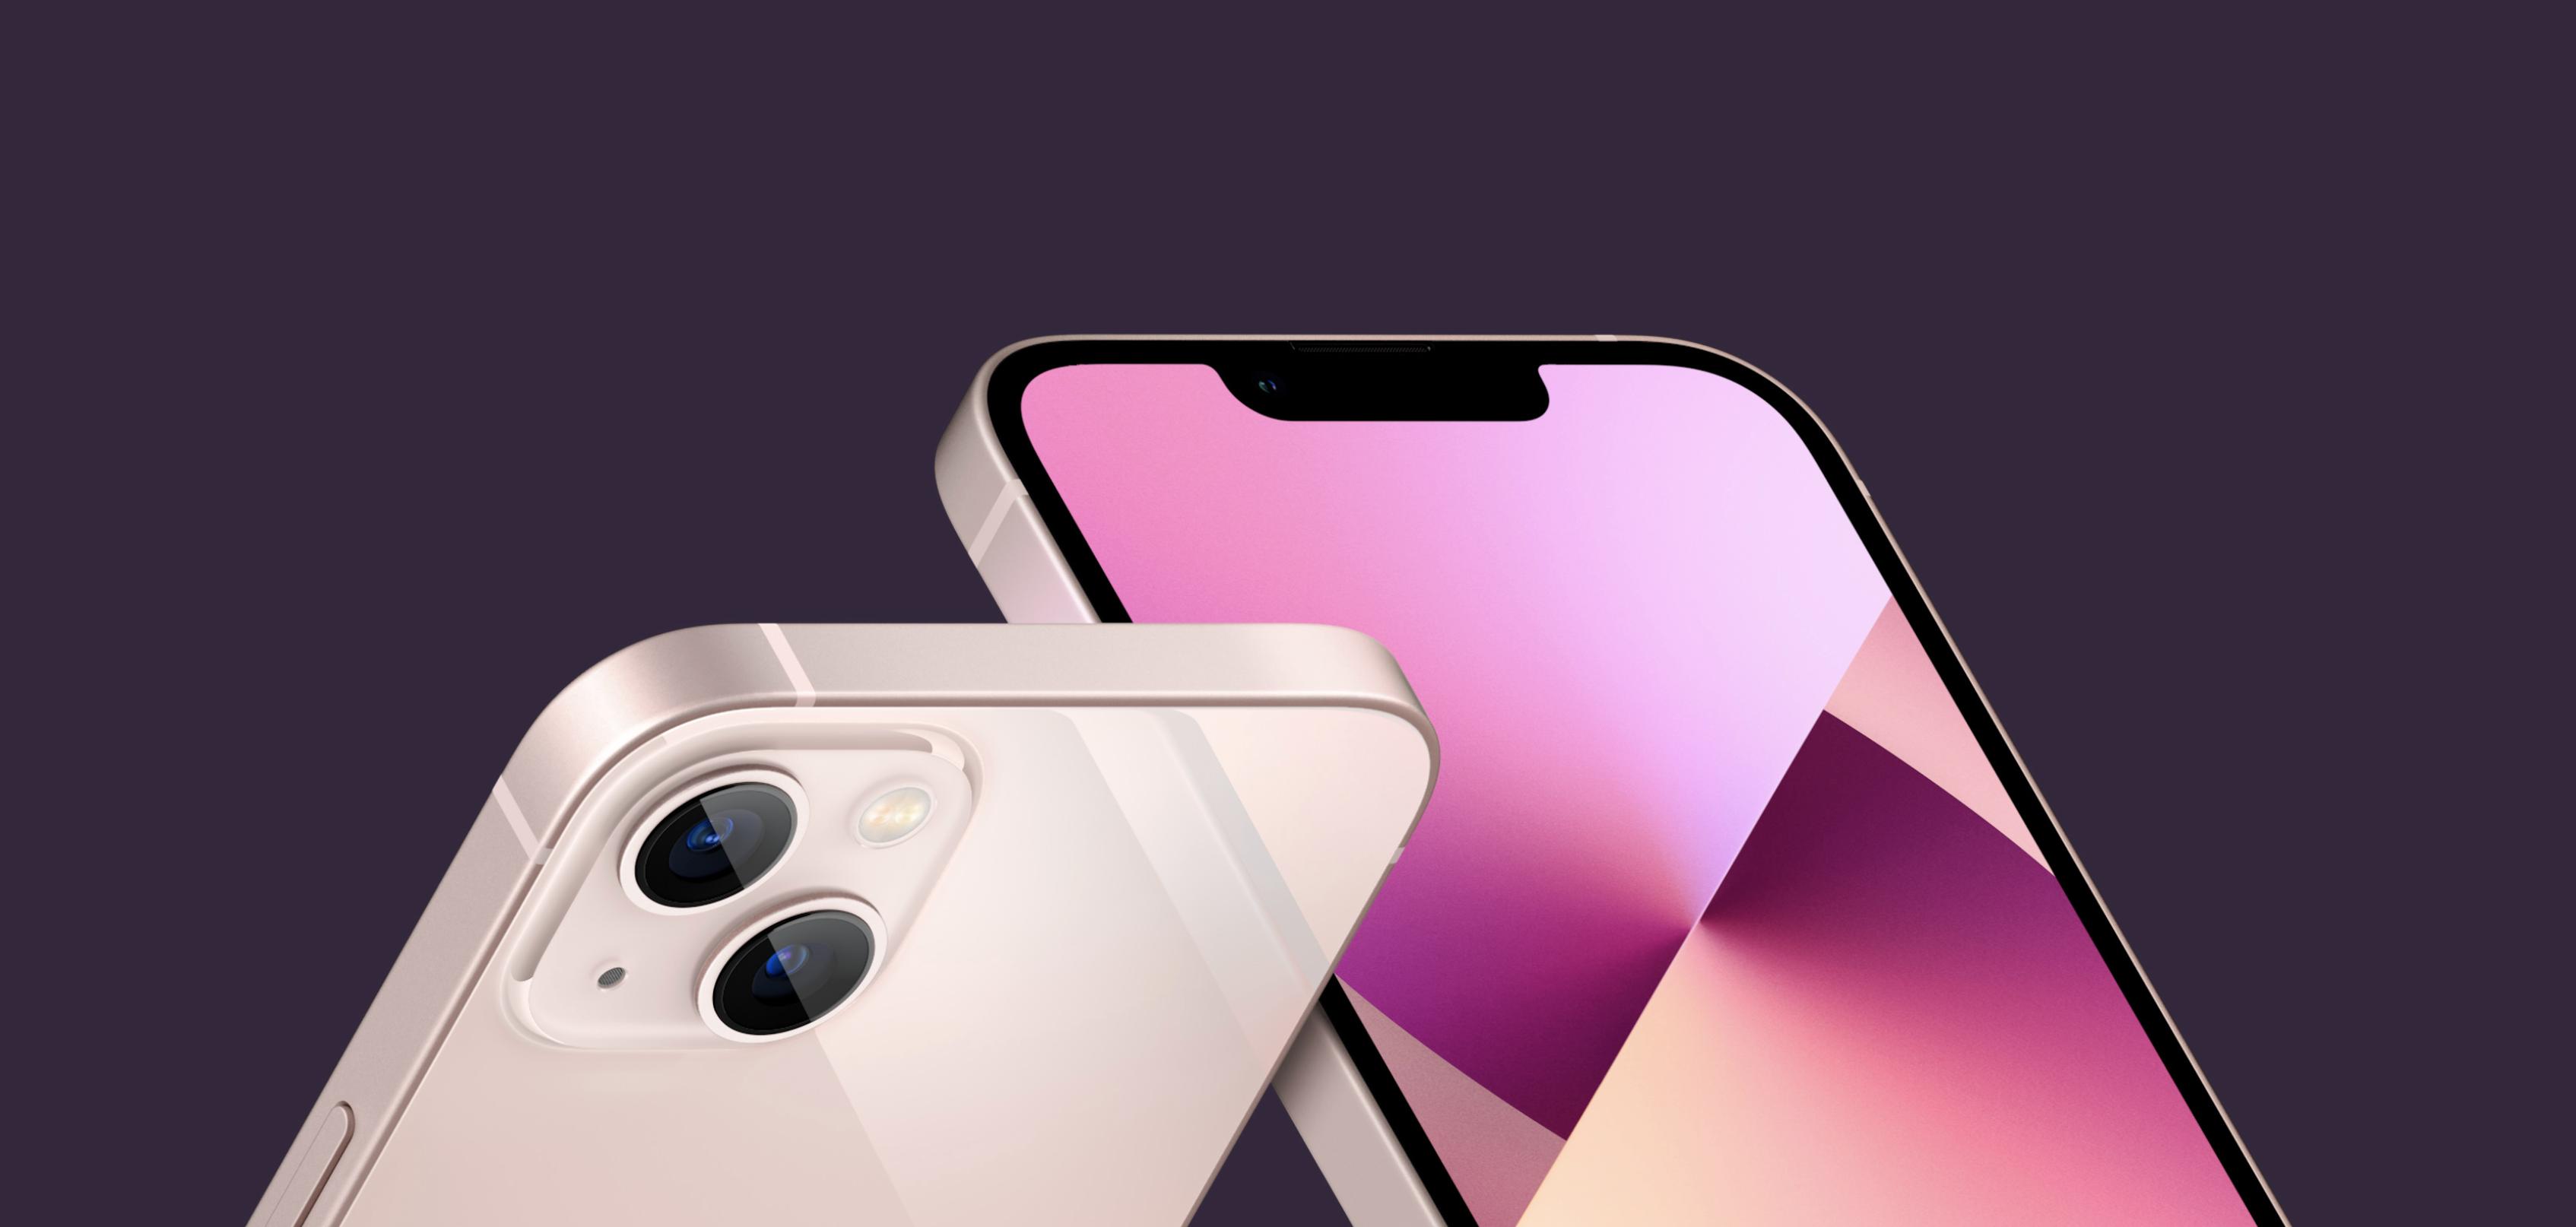 Что выбрать iPhone 12 или iPhone 13